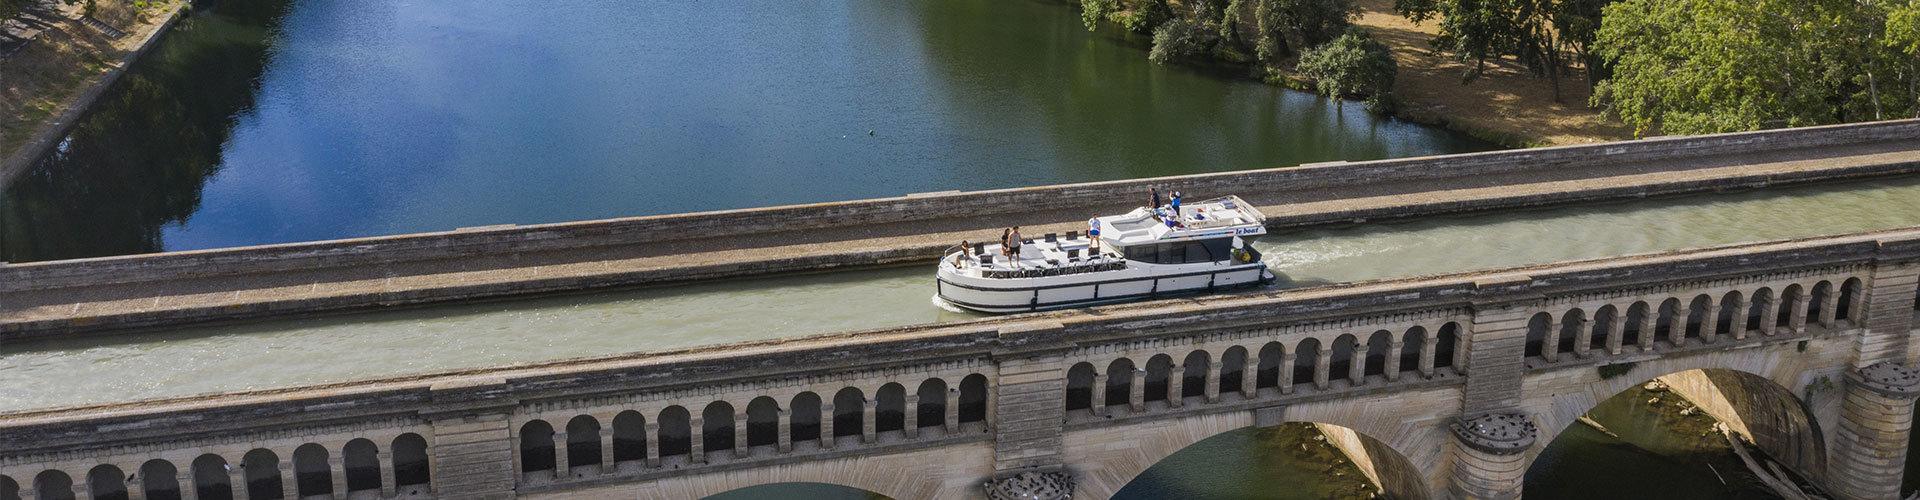 Bootverhuur met Le Boat